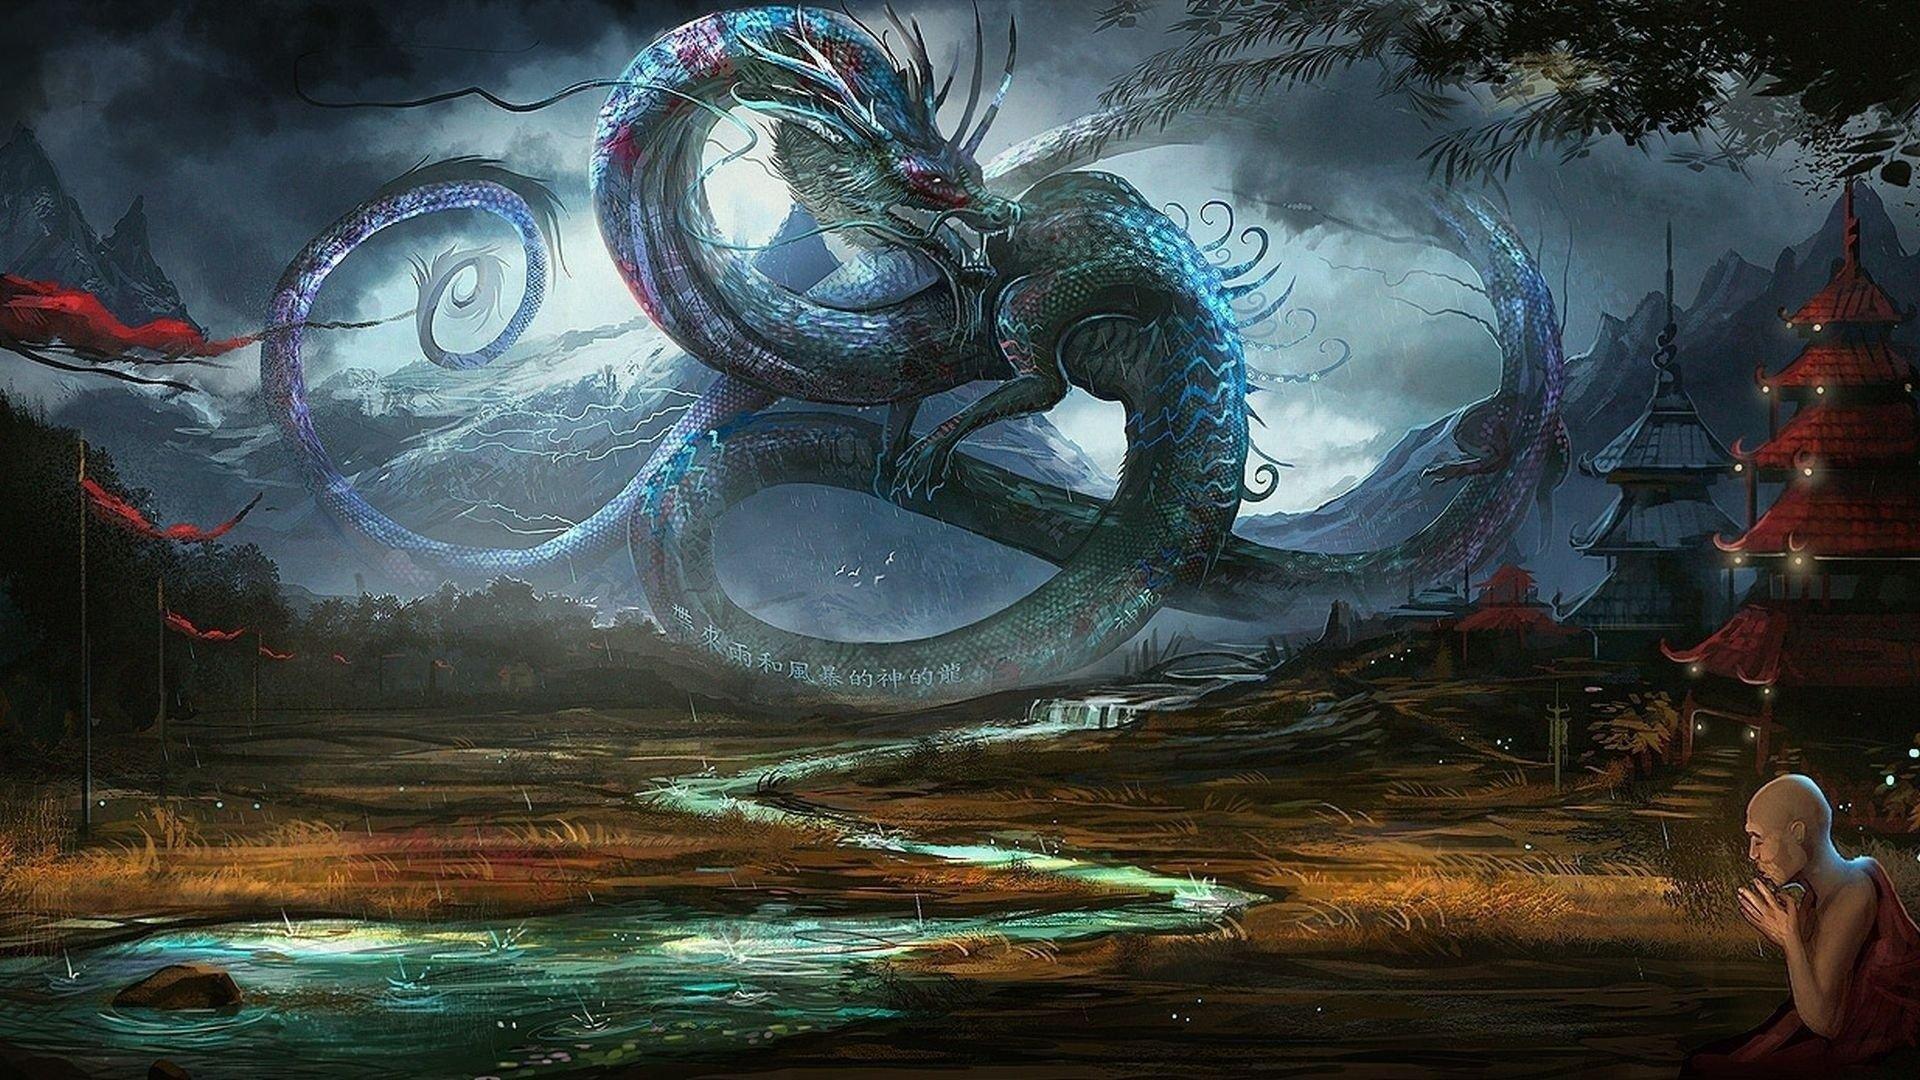 Rồng phương đông VS rồng phương tây. Đâu mới là con rồng bá đạo nhất trong  huyền thoại. - BlogAnChoi